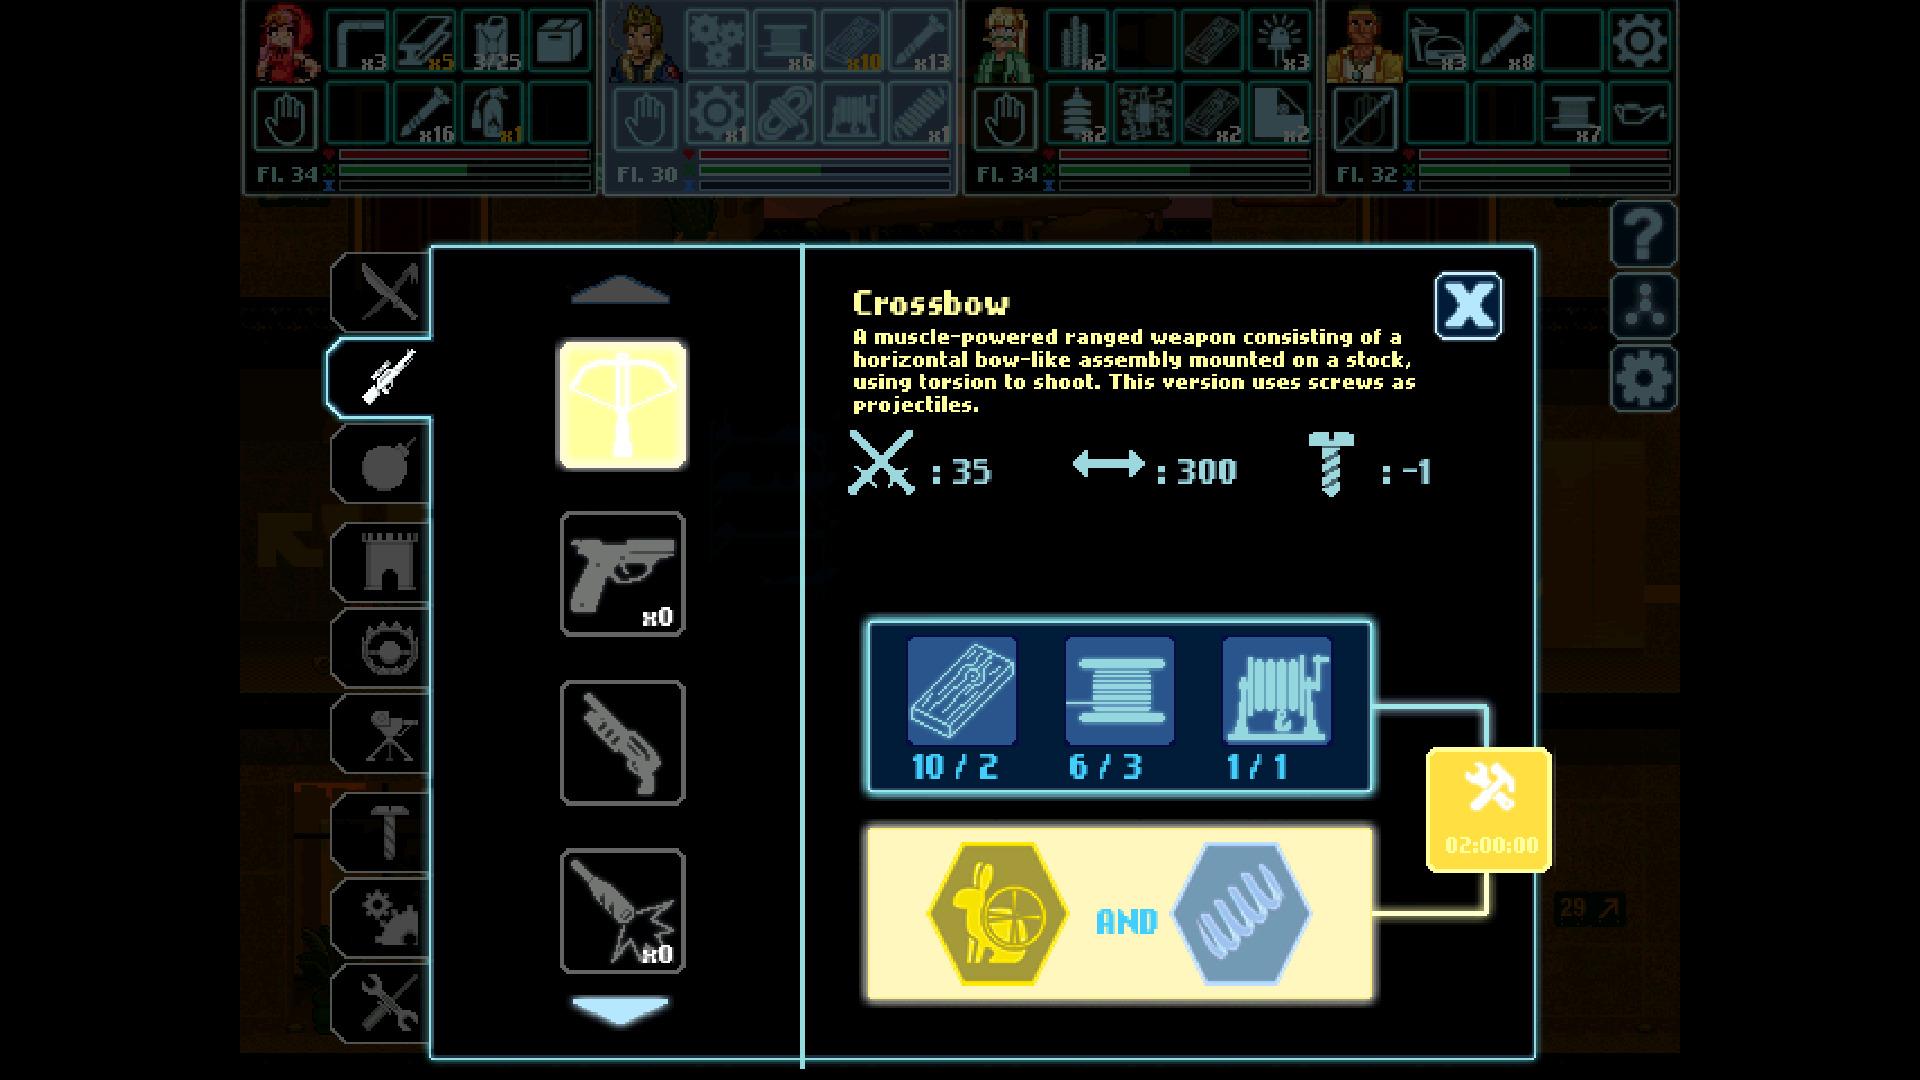 highriser-pc-screenshot-3